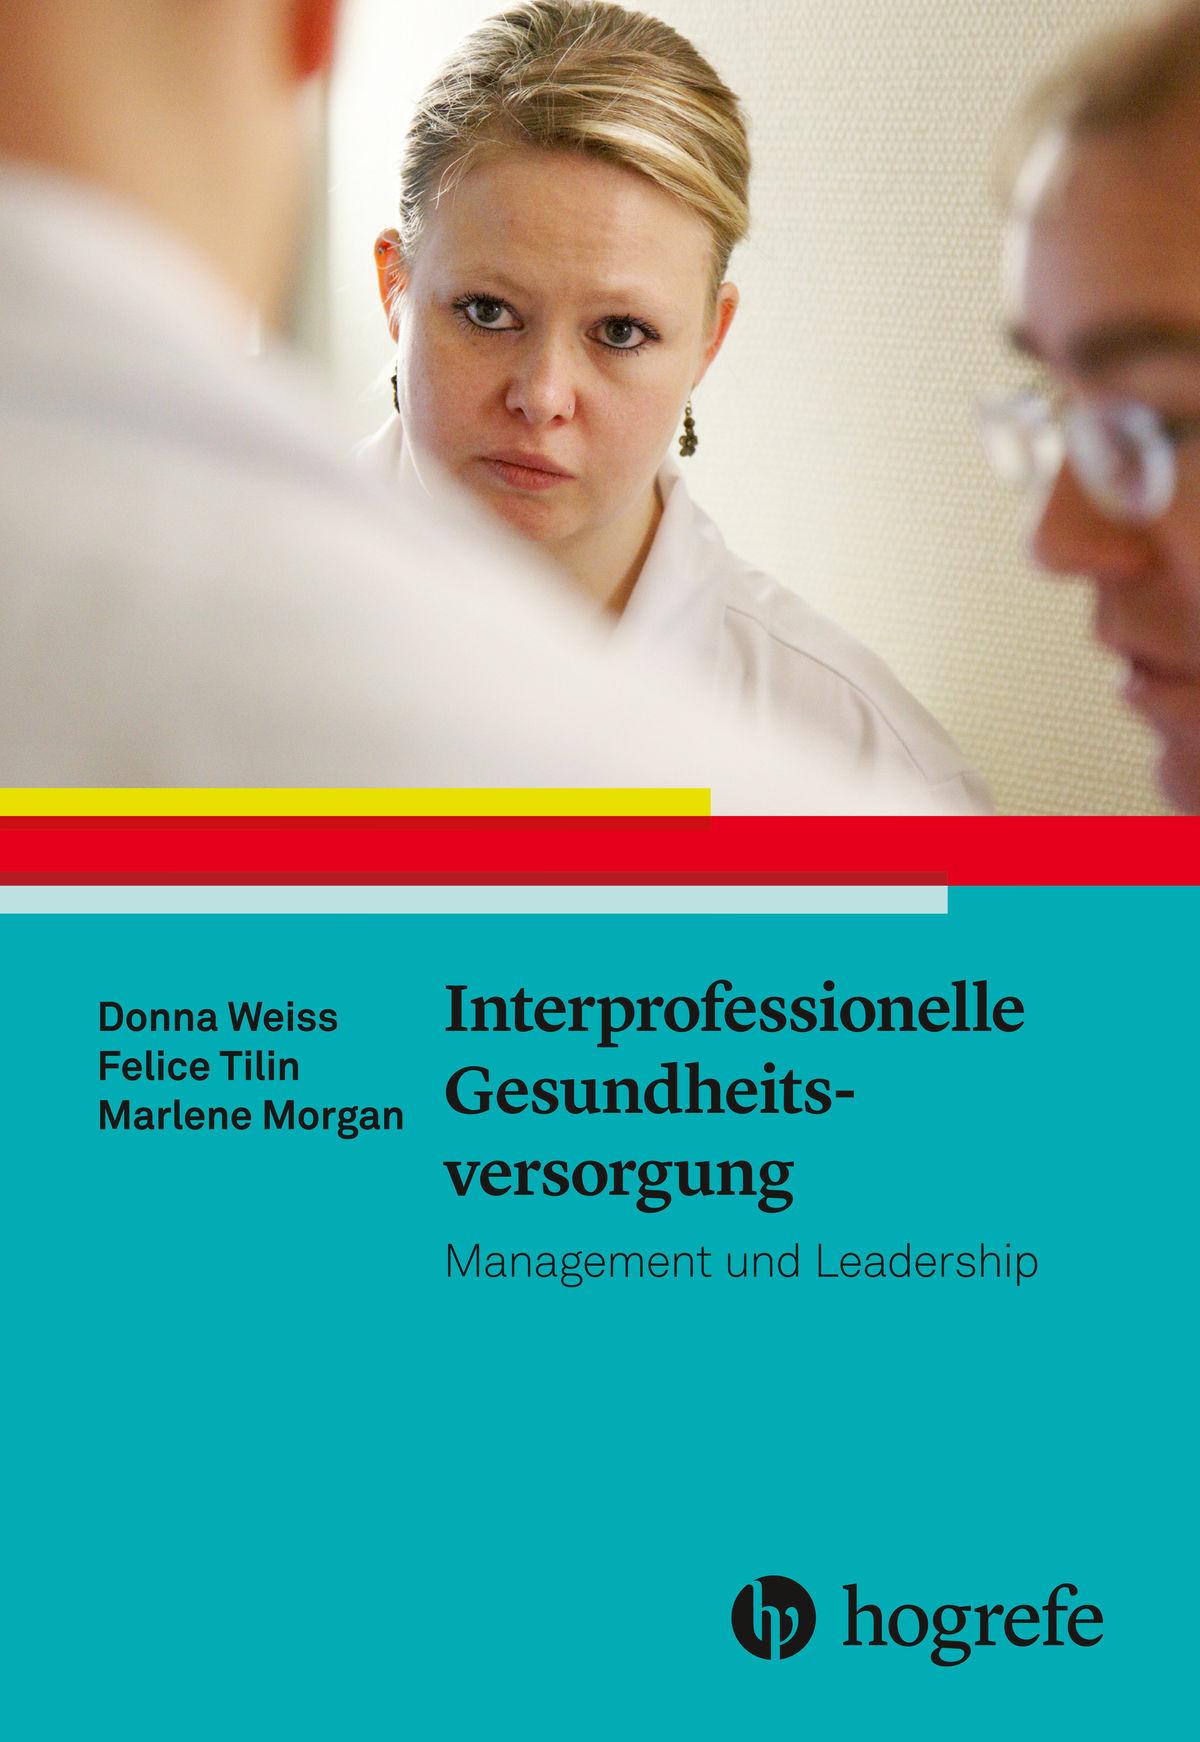 Interprofessionelle Gesundheitsversorgung